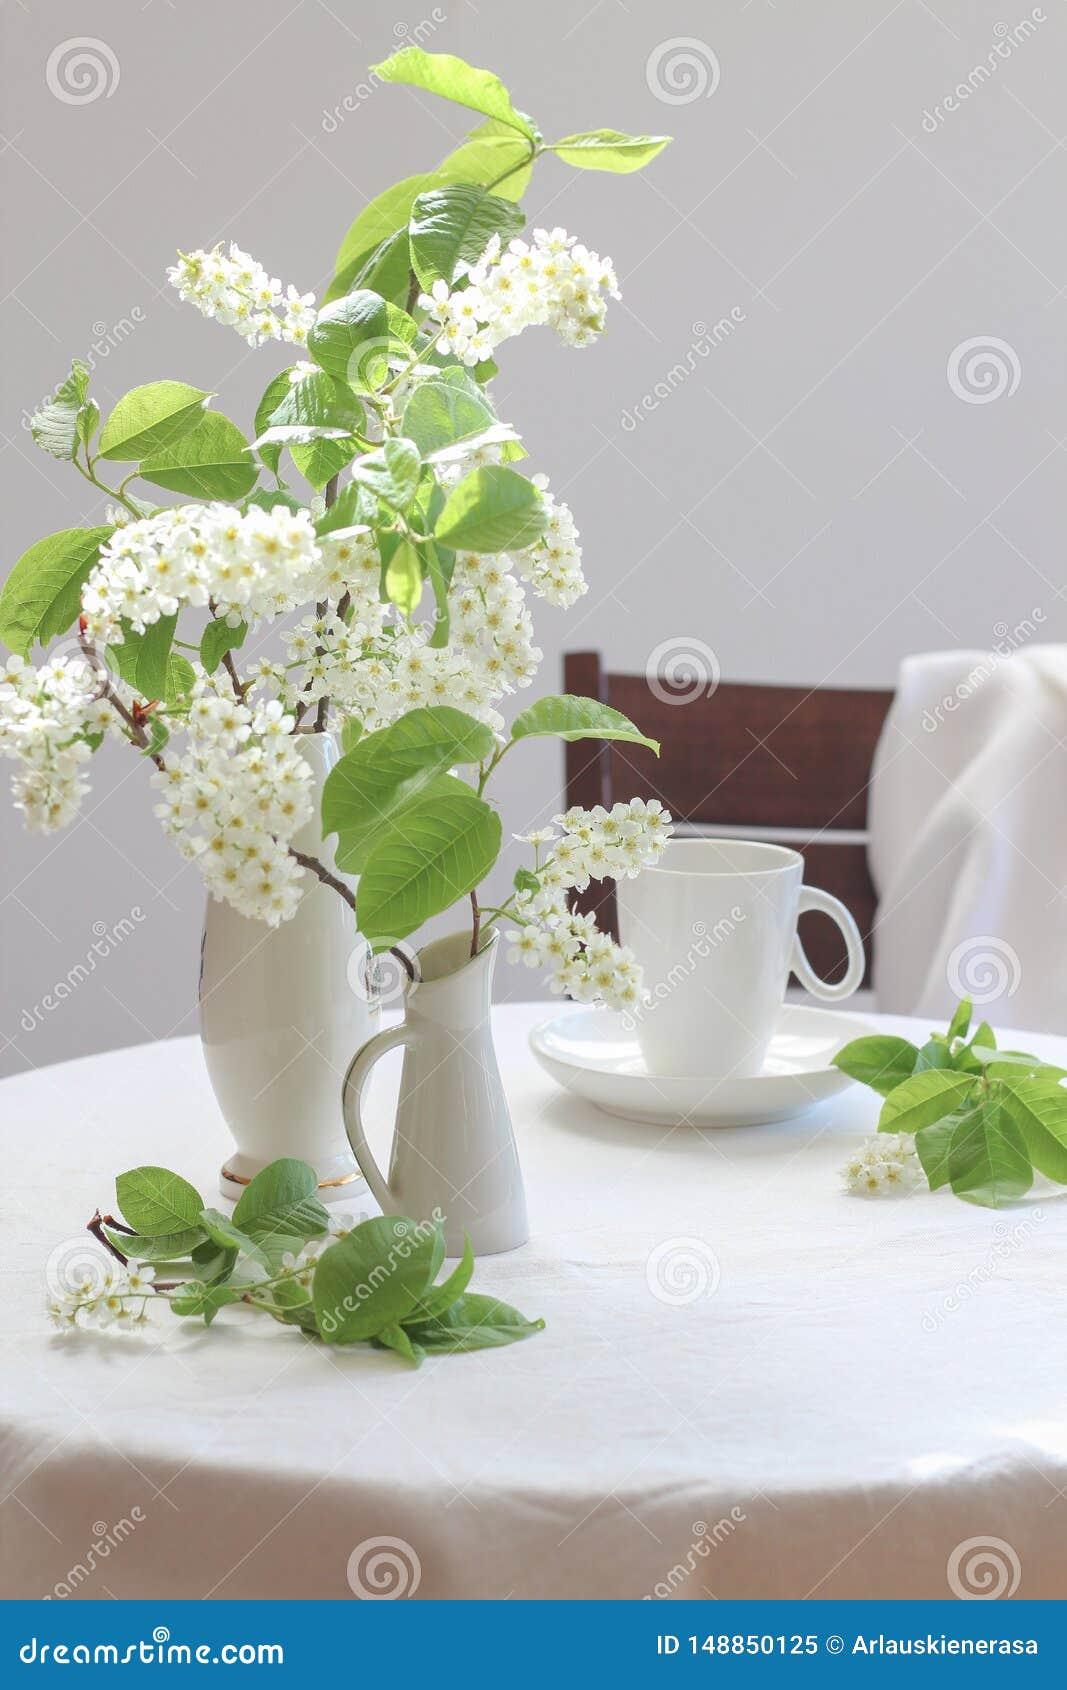 在小花瓶和一杯咖啡的白色鸟樱桃树绽放在一张白色桌上的